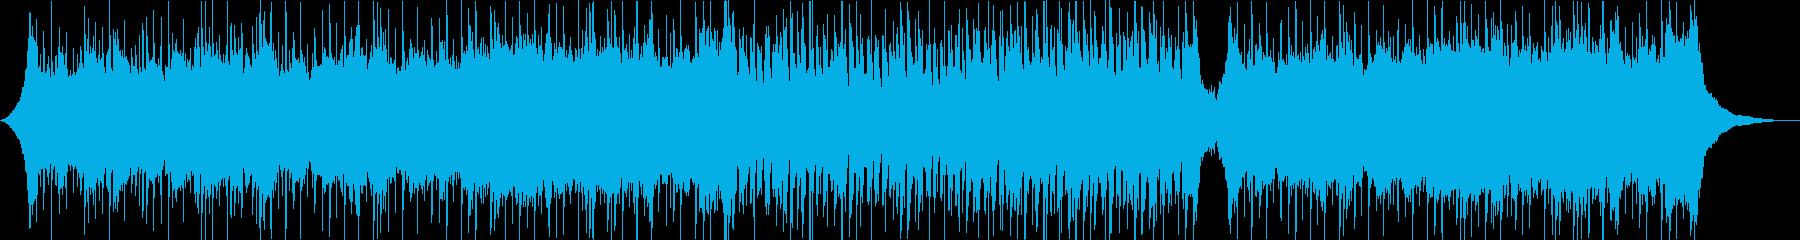 かけ出すような爽やかなストリングスポップの再生済みの波形